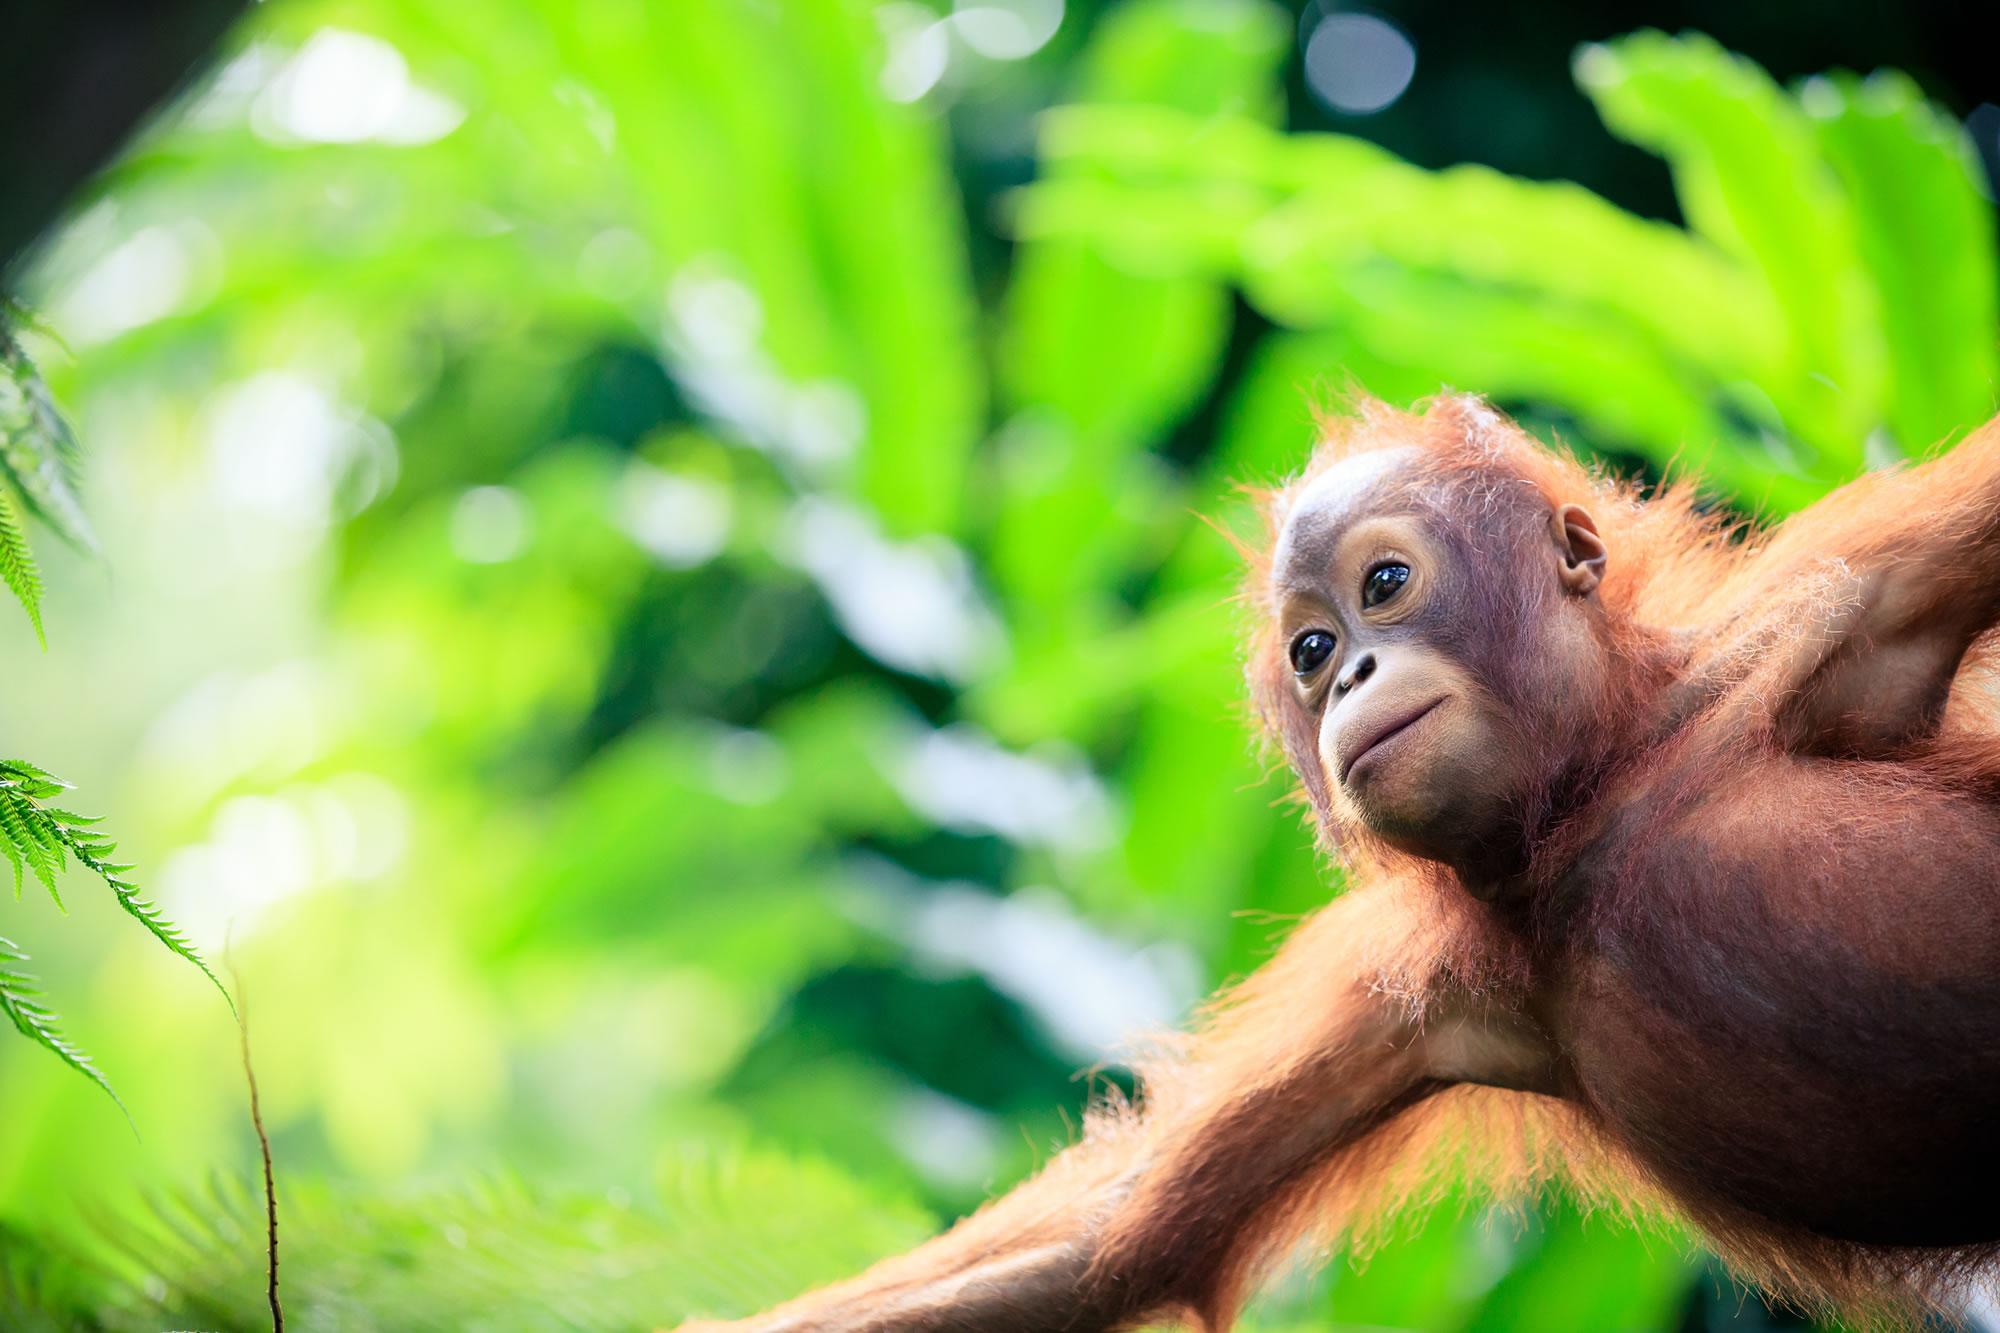 Watch Wild Orangutans in Borneo